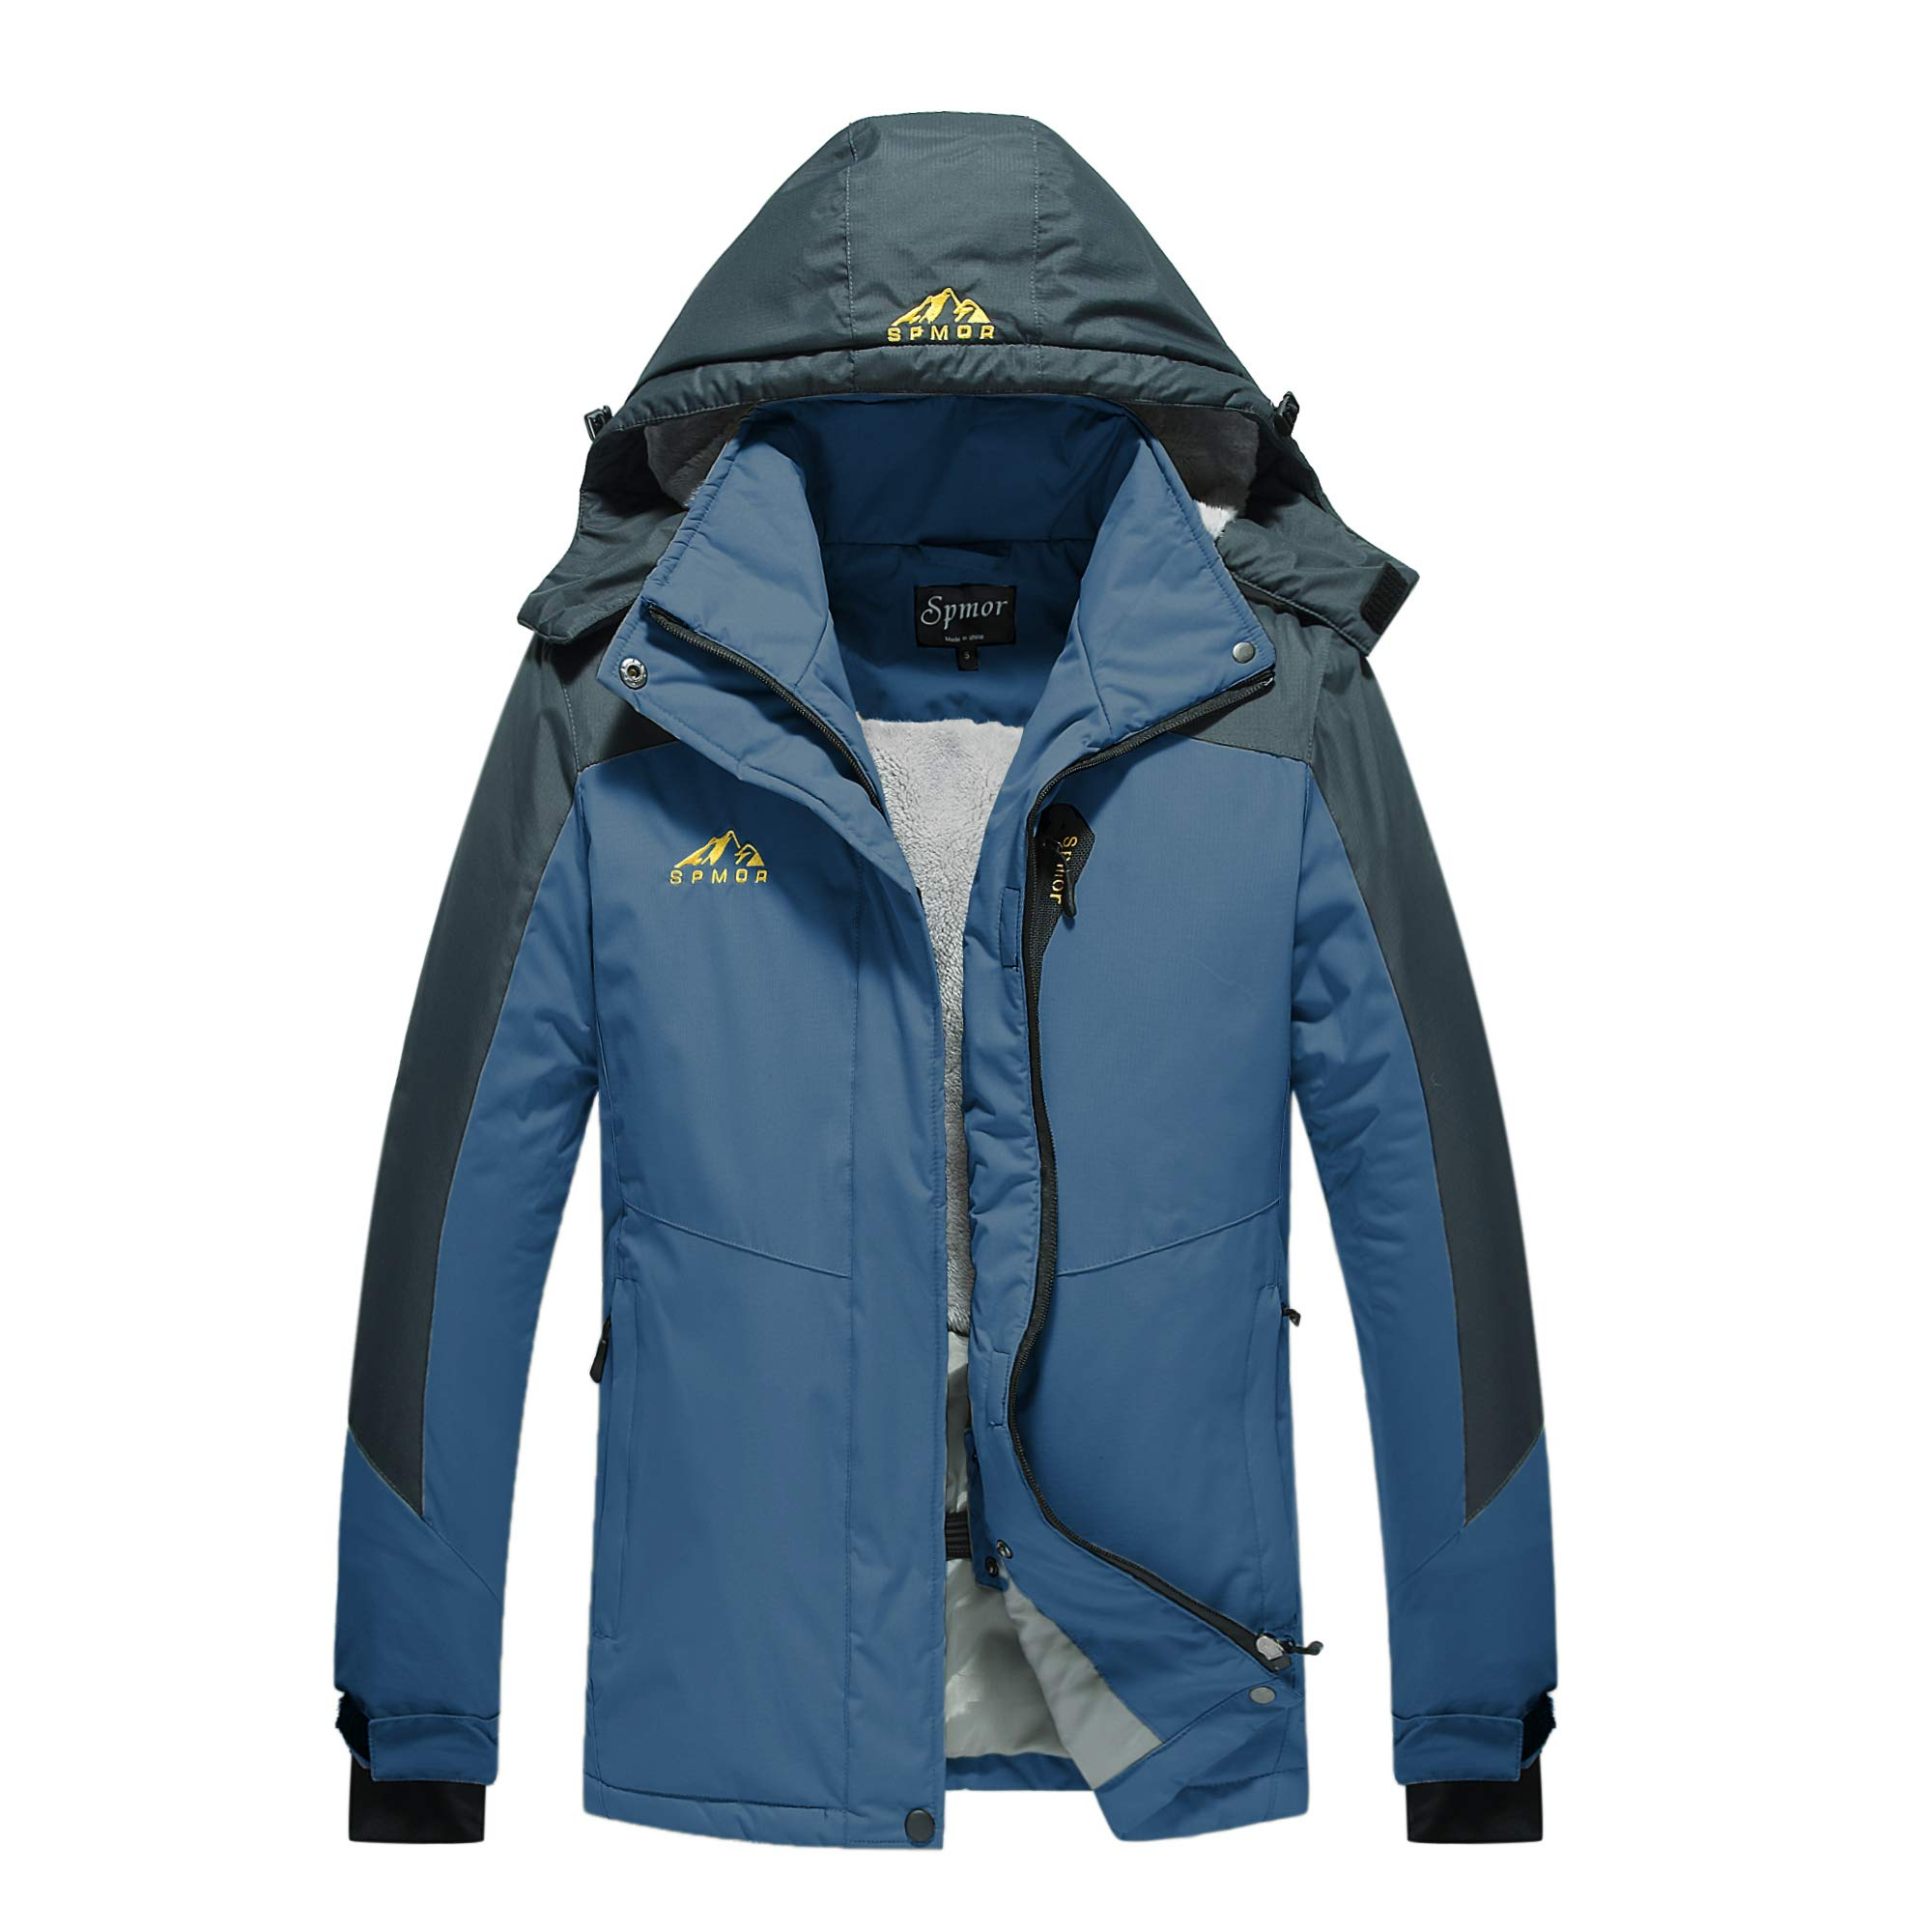 Spmor Women's Waterproof Ski Fleece Jacket Mountain Rain Coat Windproof Skin Hooded Jacket Navy Small by Spmor